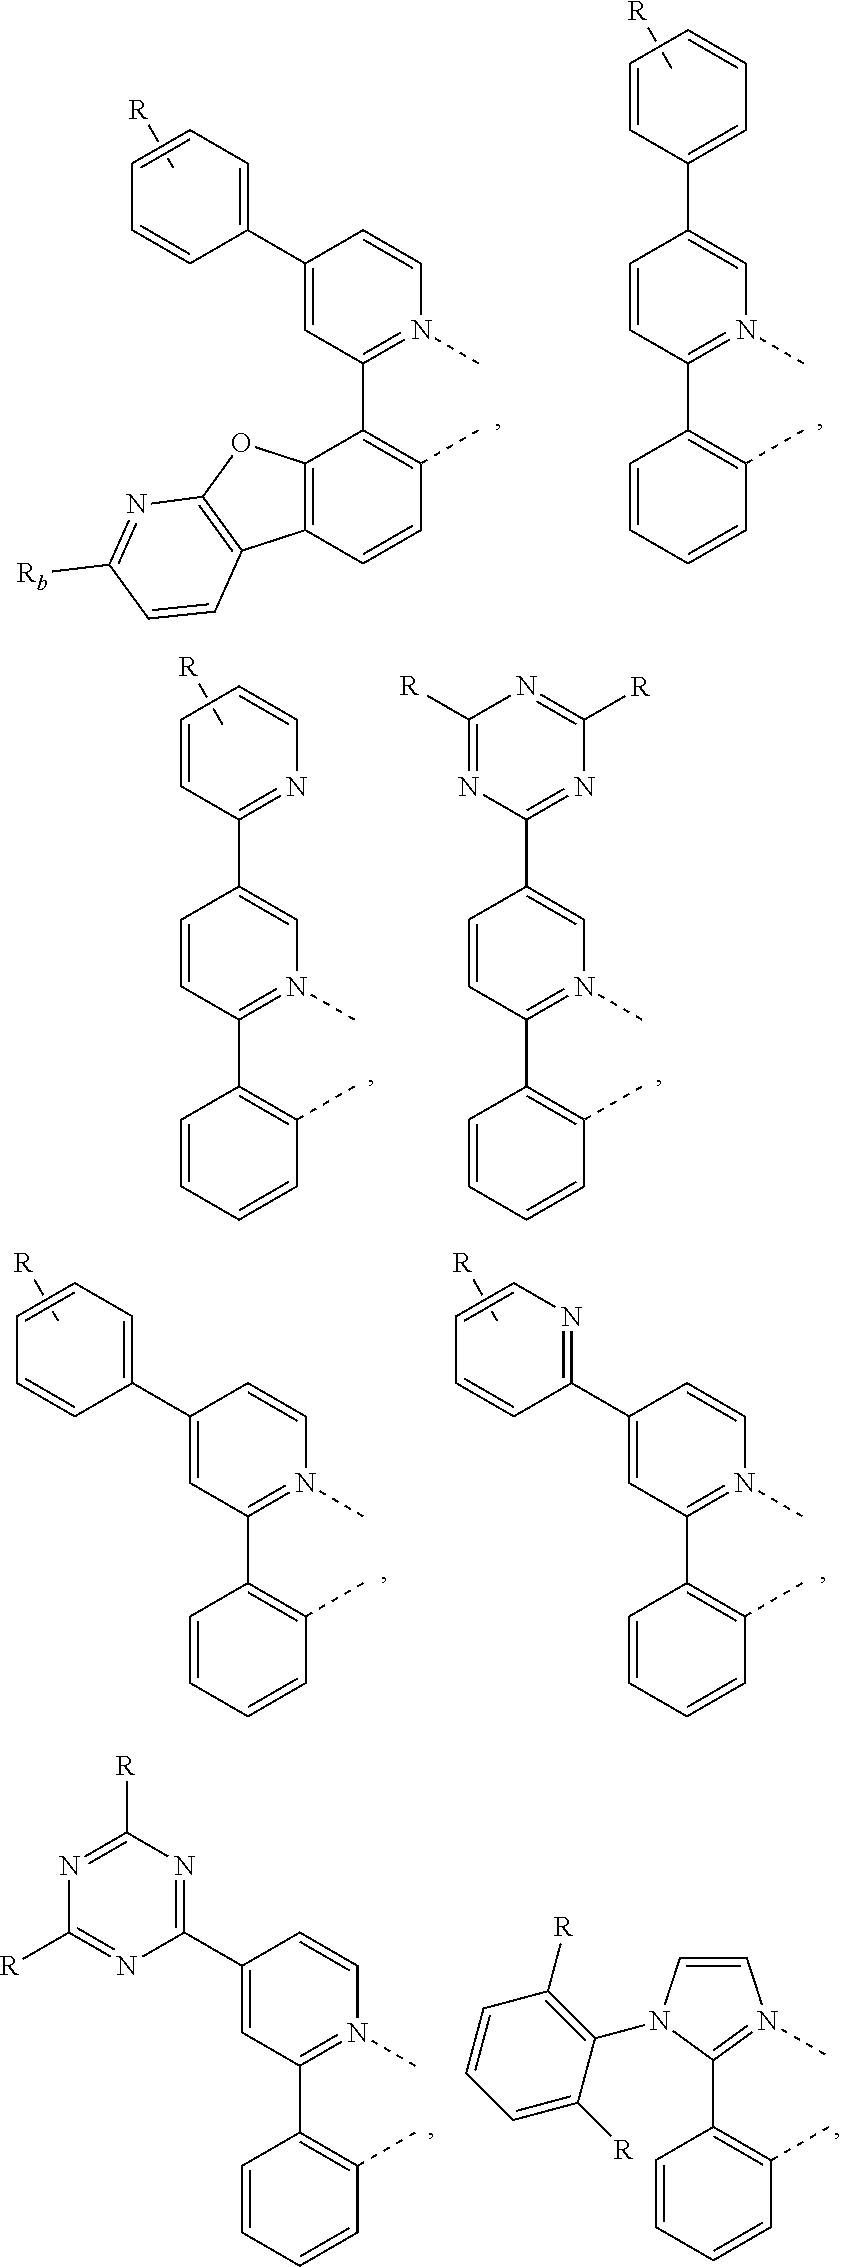 Figure US20180130962A1-20180510-C00027